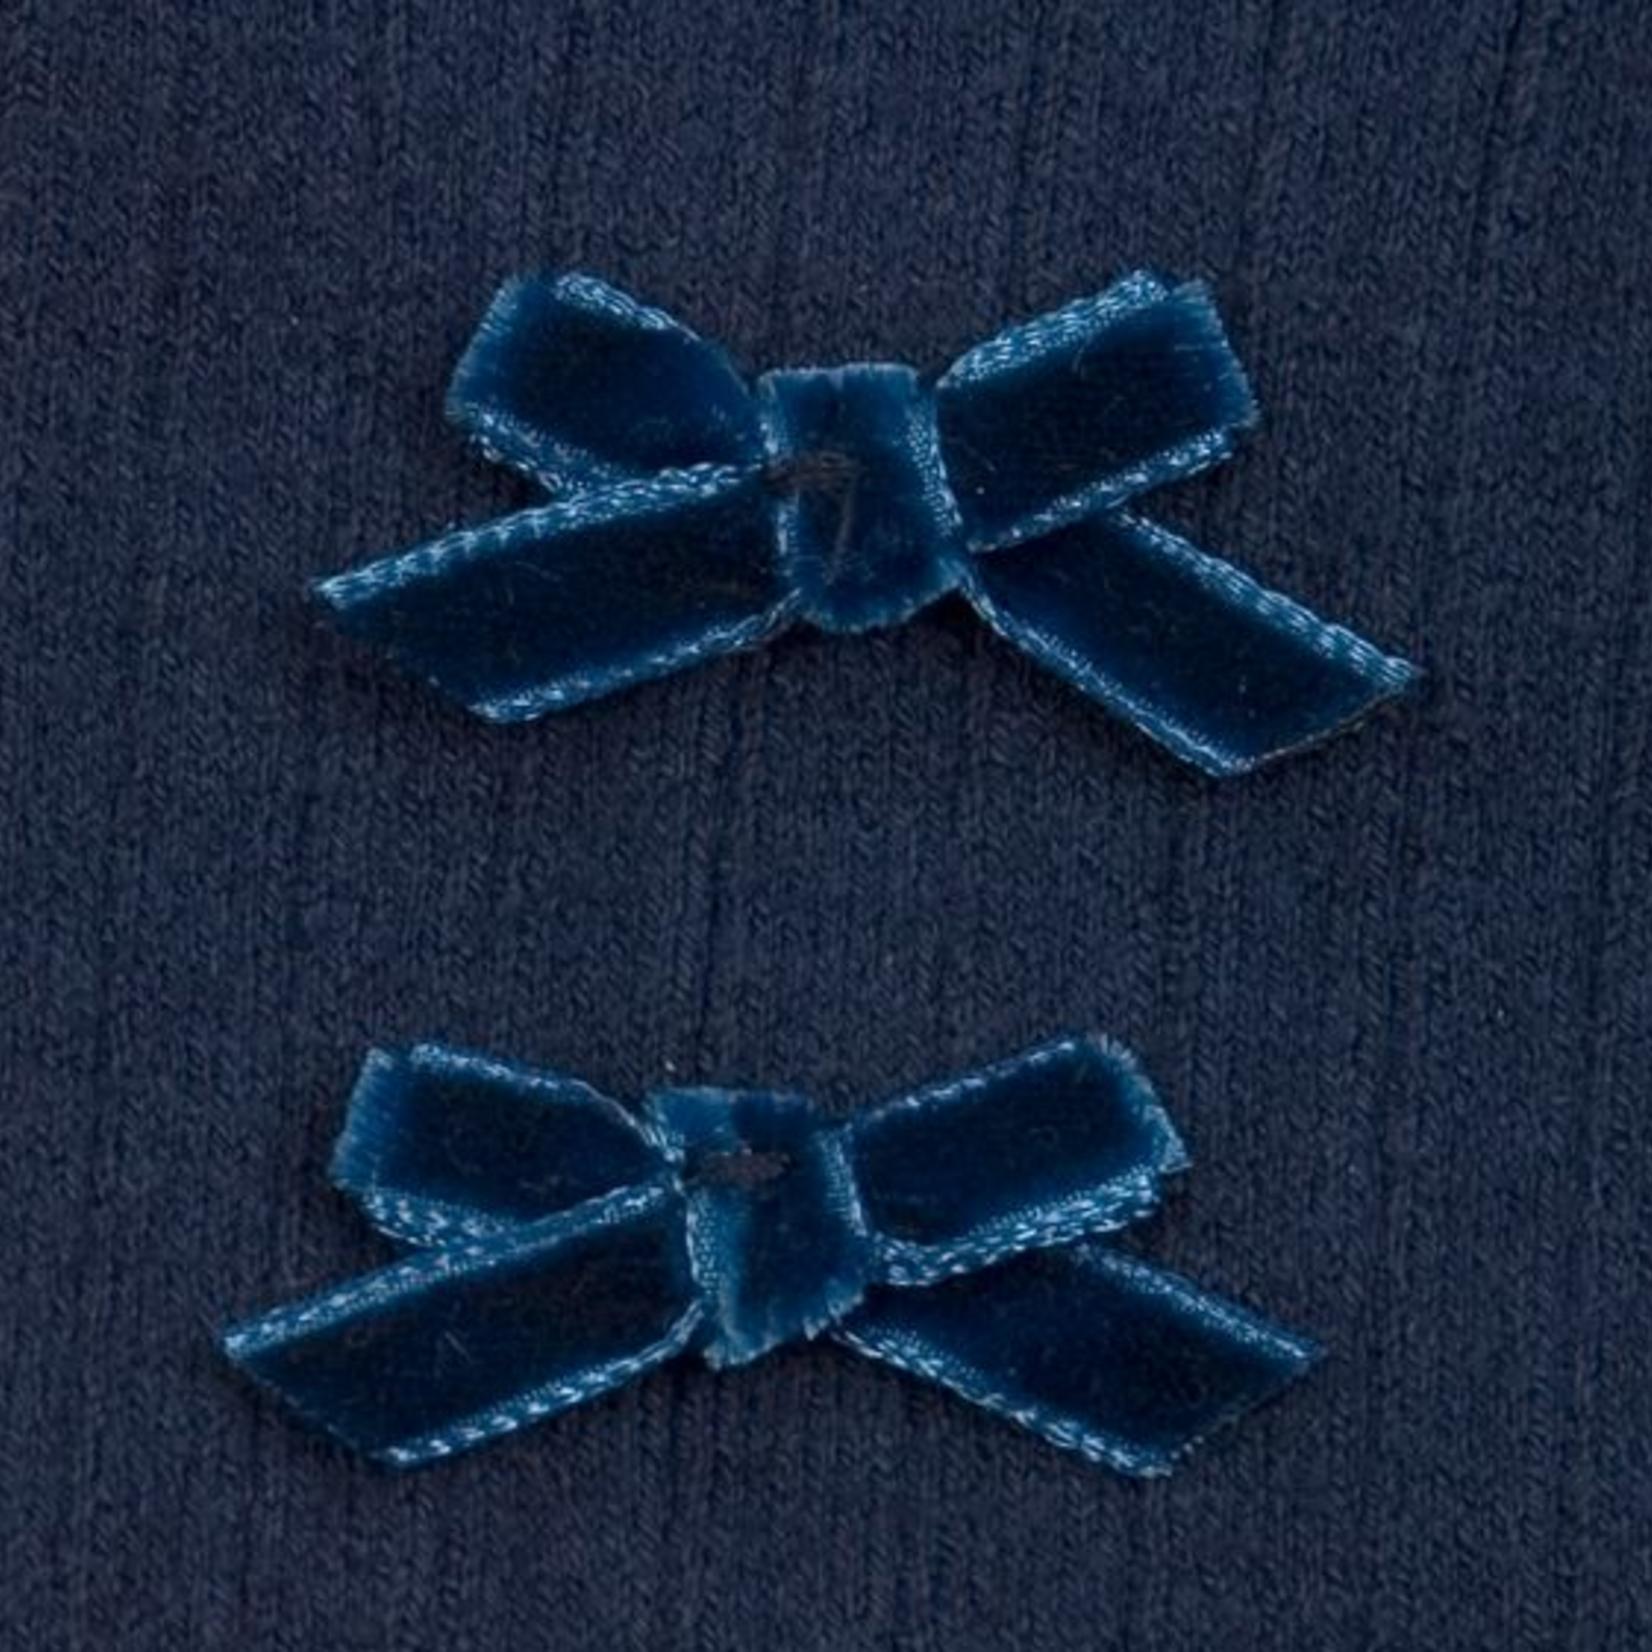 Collégien Hortense Blauw